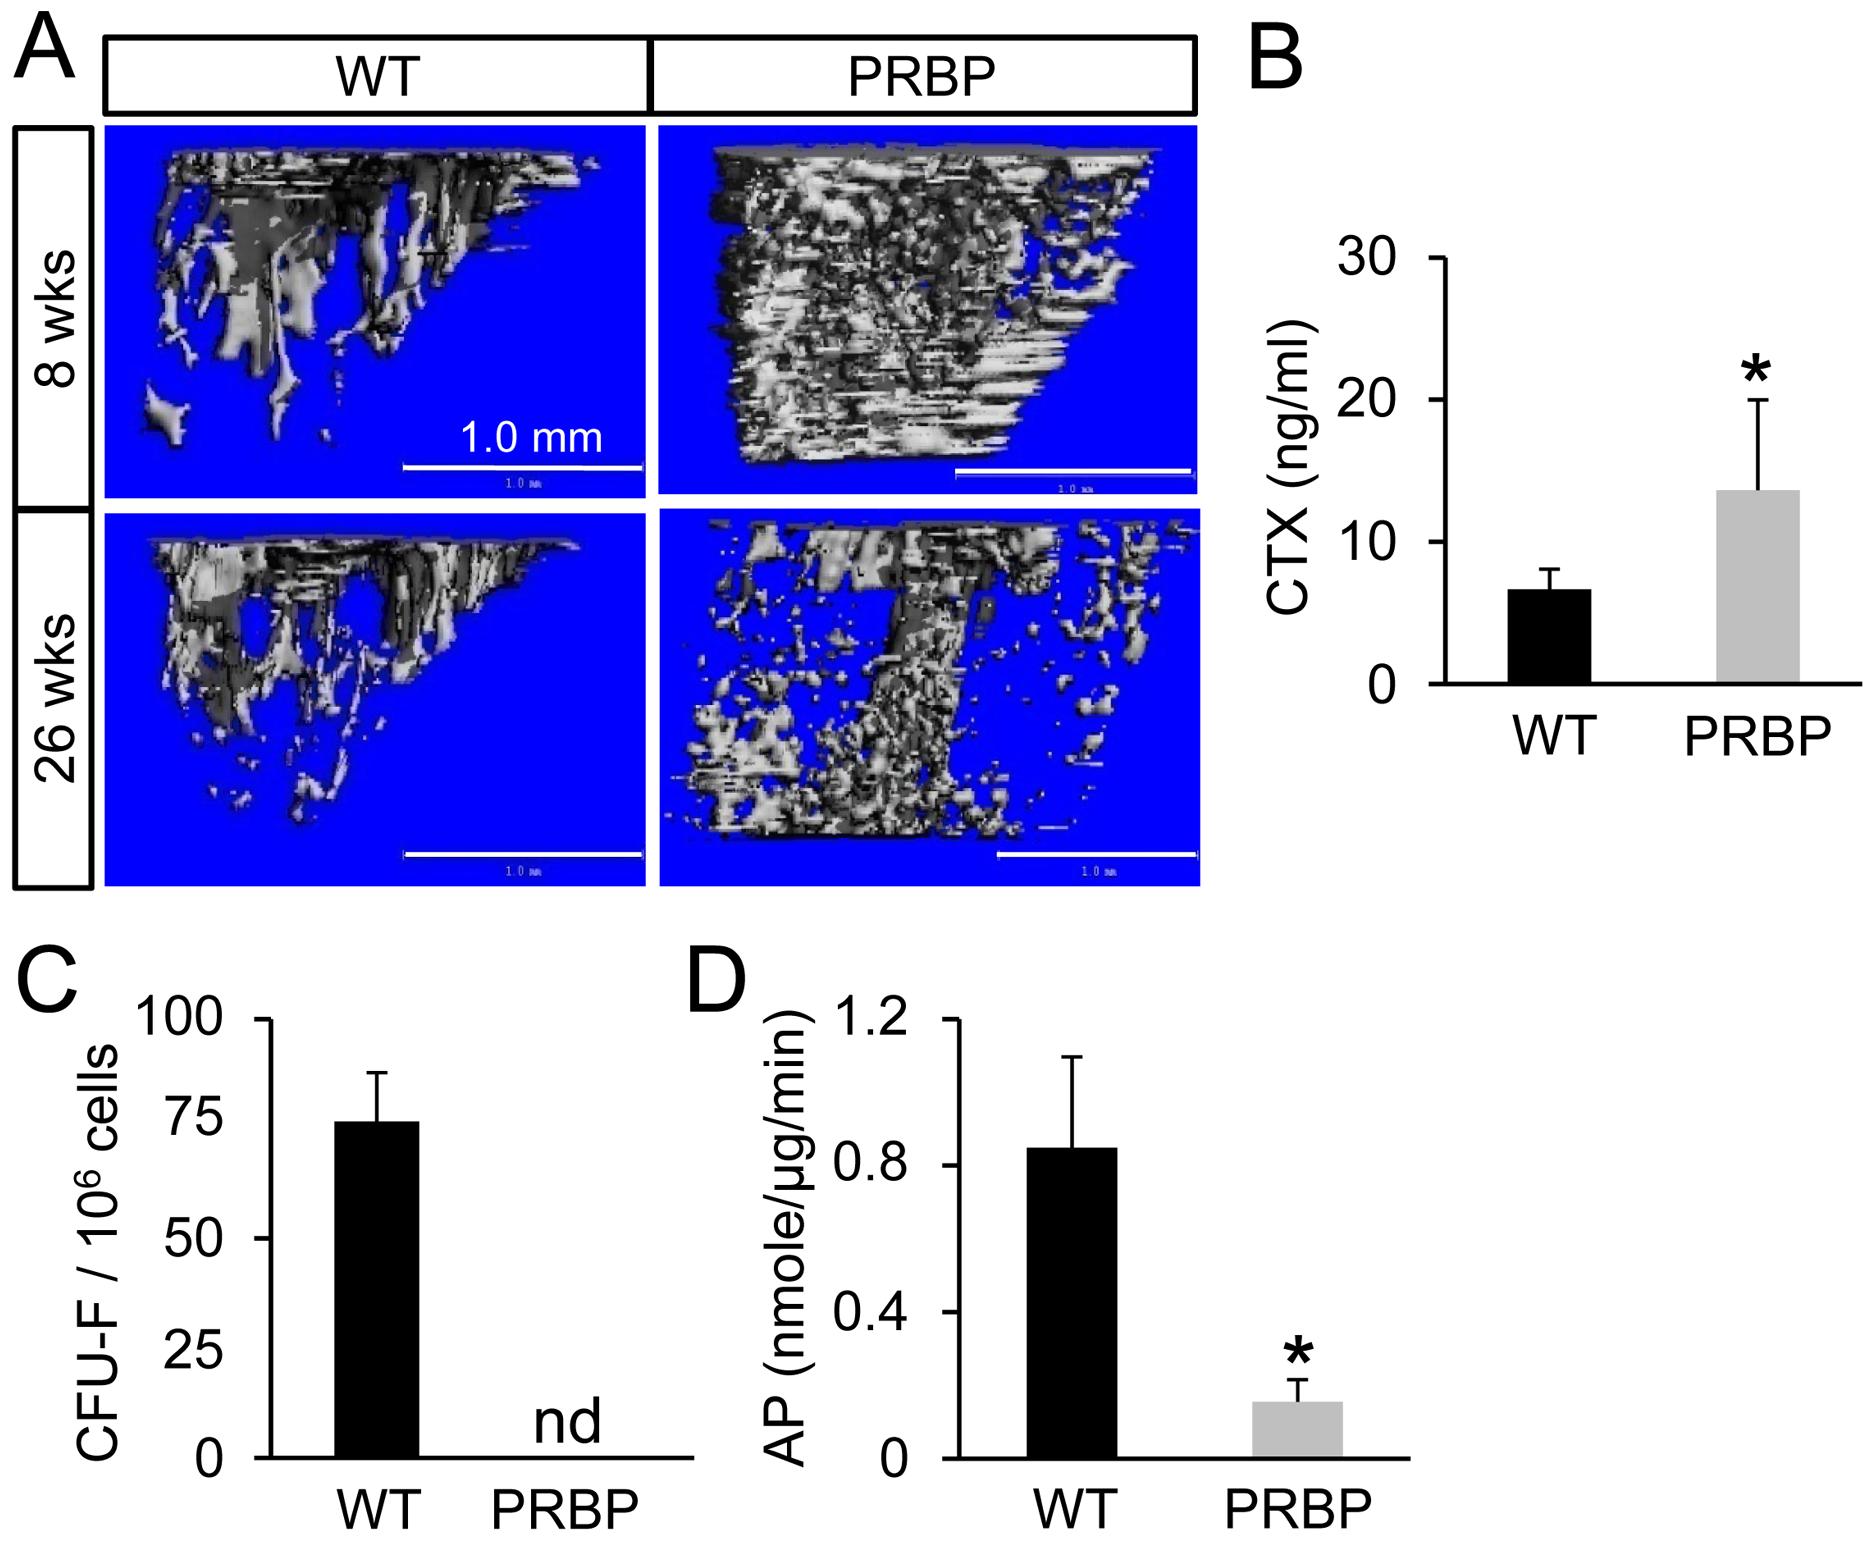 Bone loss in PRBP mice at 26 weeks of age.